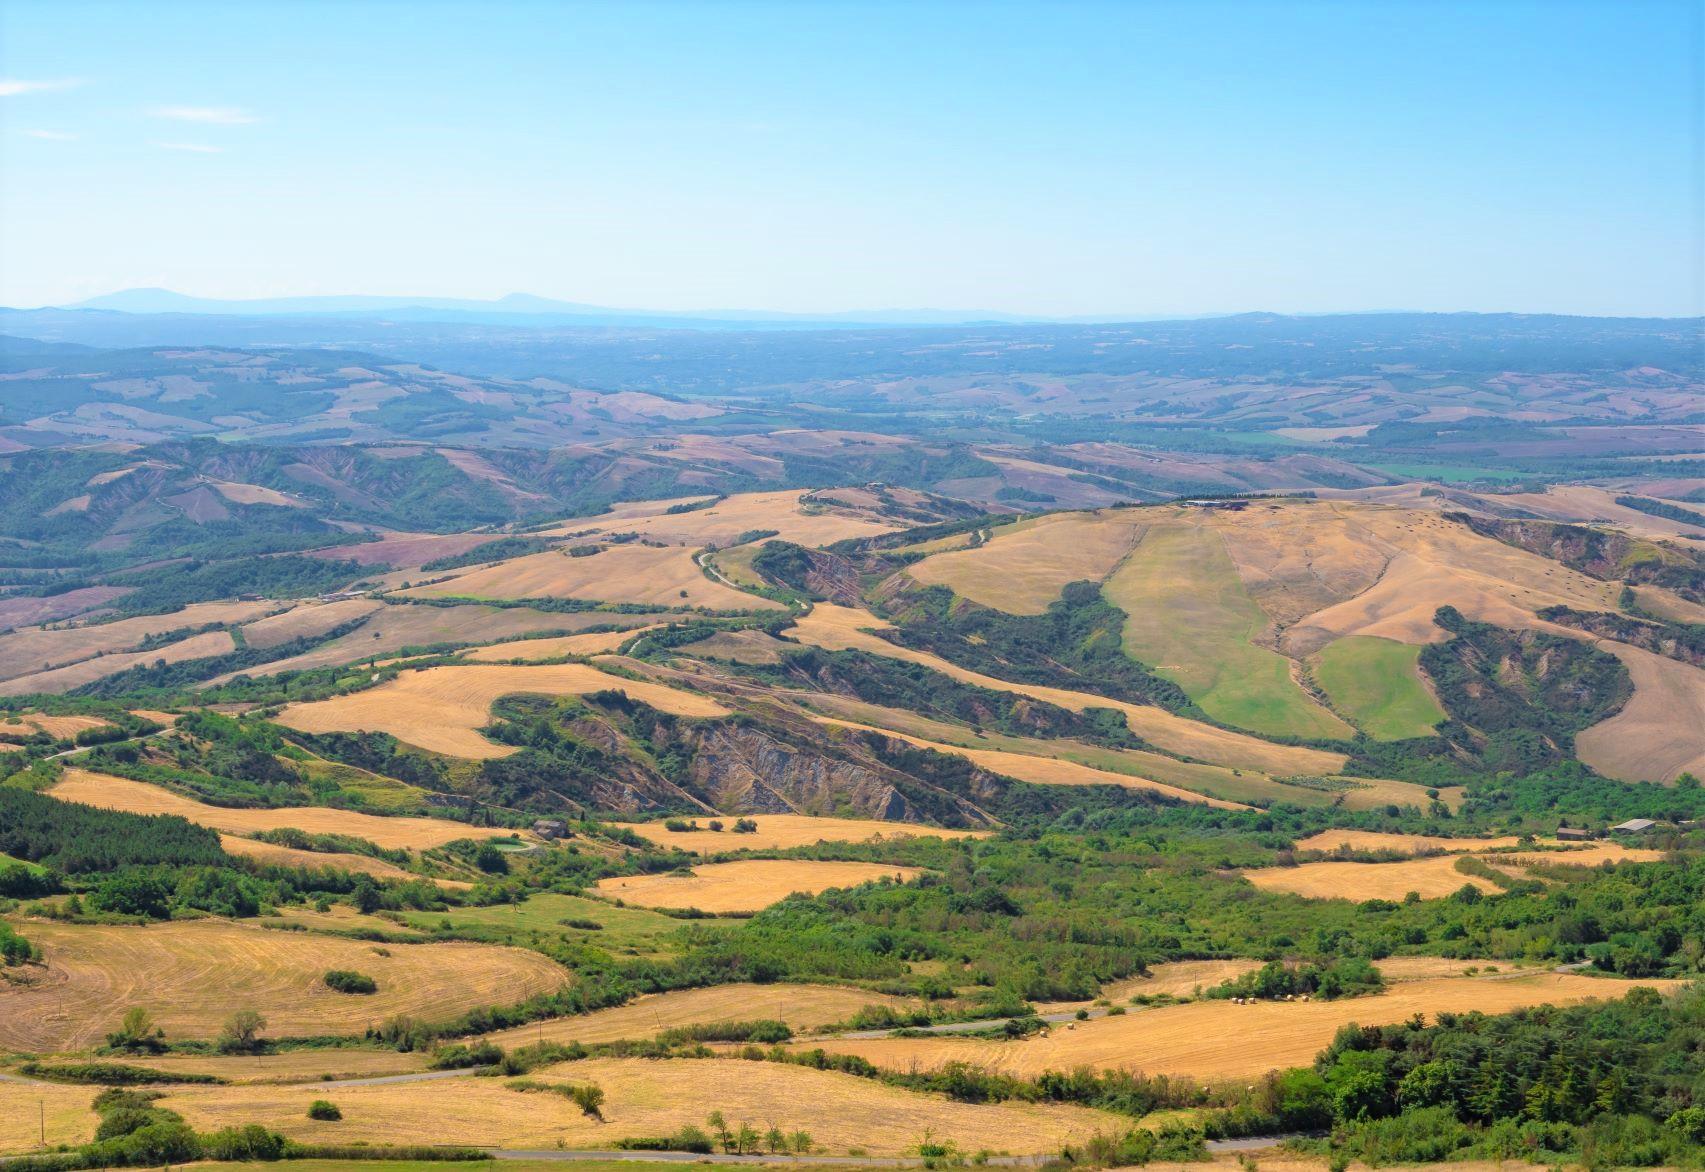 ラディコーファニより望むトスカーナの美しい丘陵地帯(3日目)